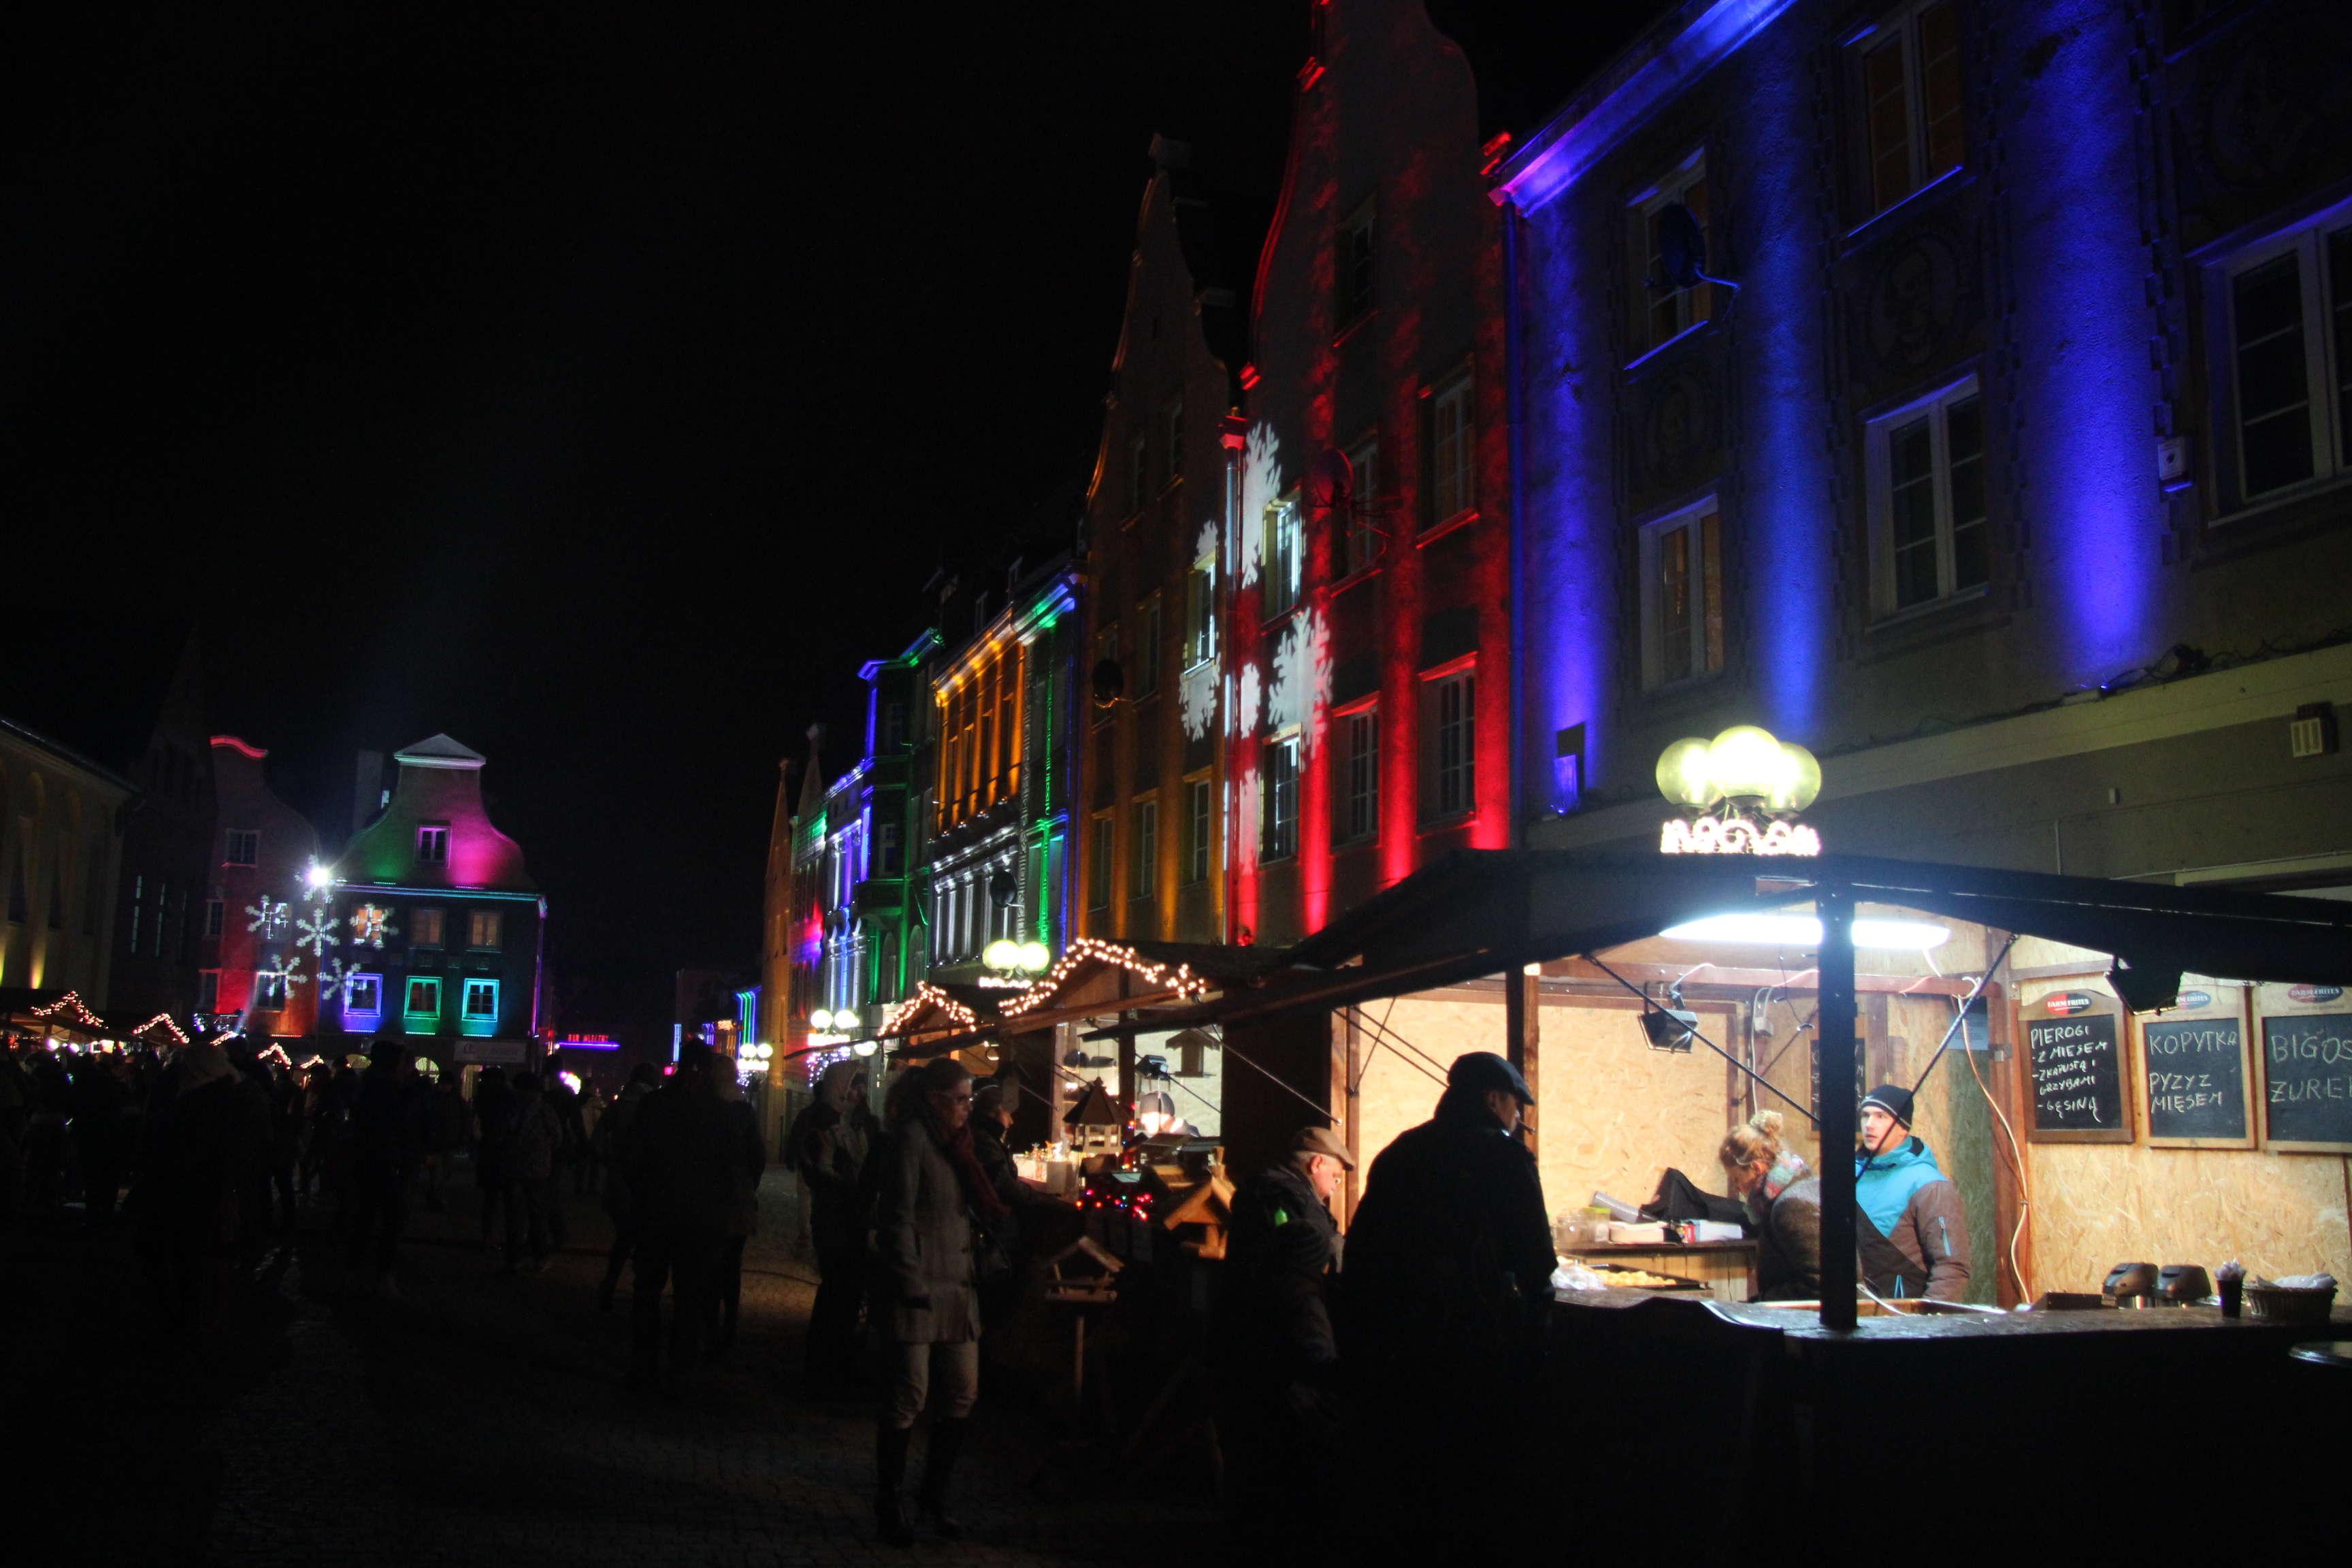 Znamy program tegorocznego Jarmarku Świątecznego w Olsztynie!